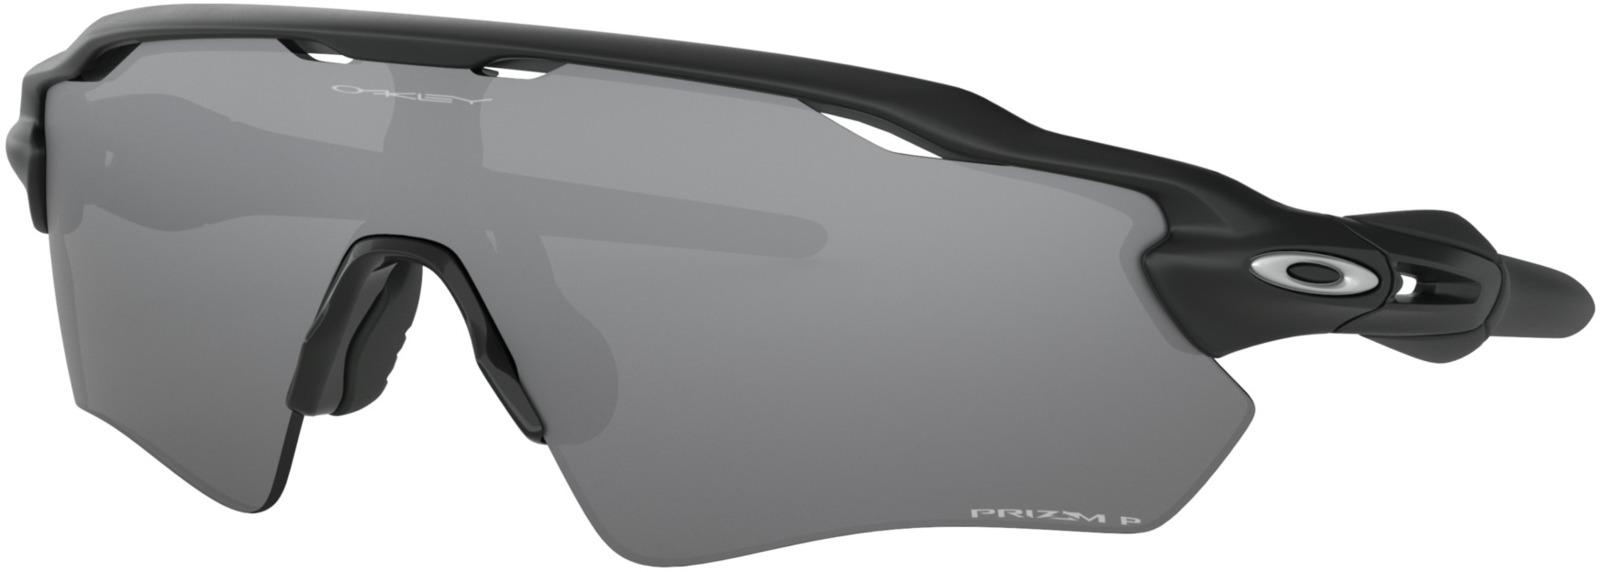 цена на Велосипедные очки Oakley Radar Ev Path, цвет: черный